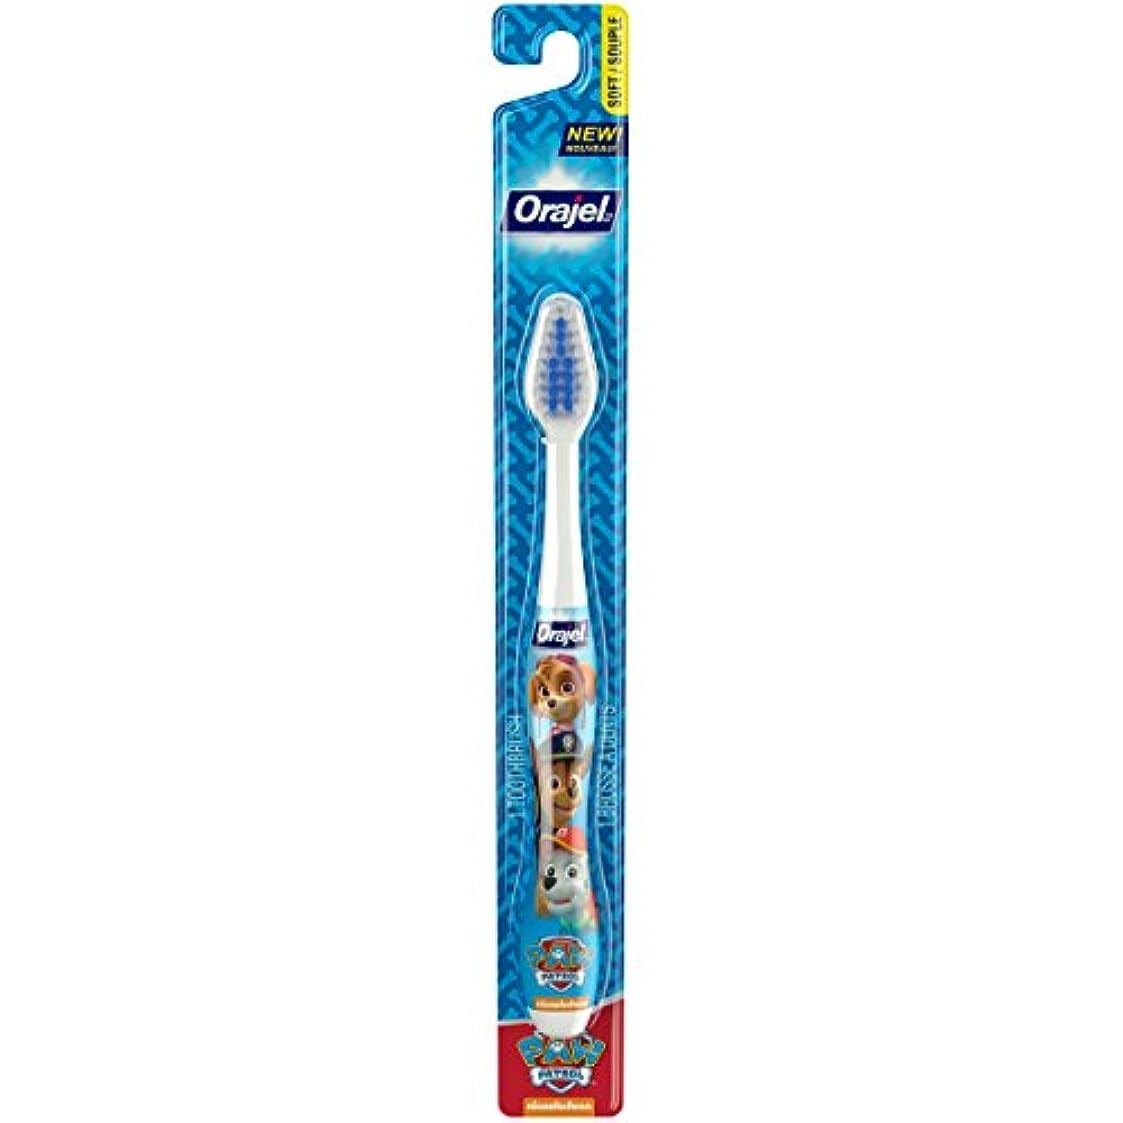 位置づける閃光平らにするOrajel ポウパトロール幼児の歯ブラシ